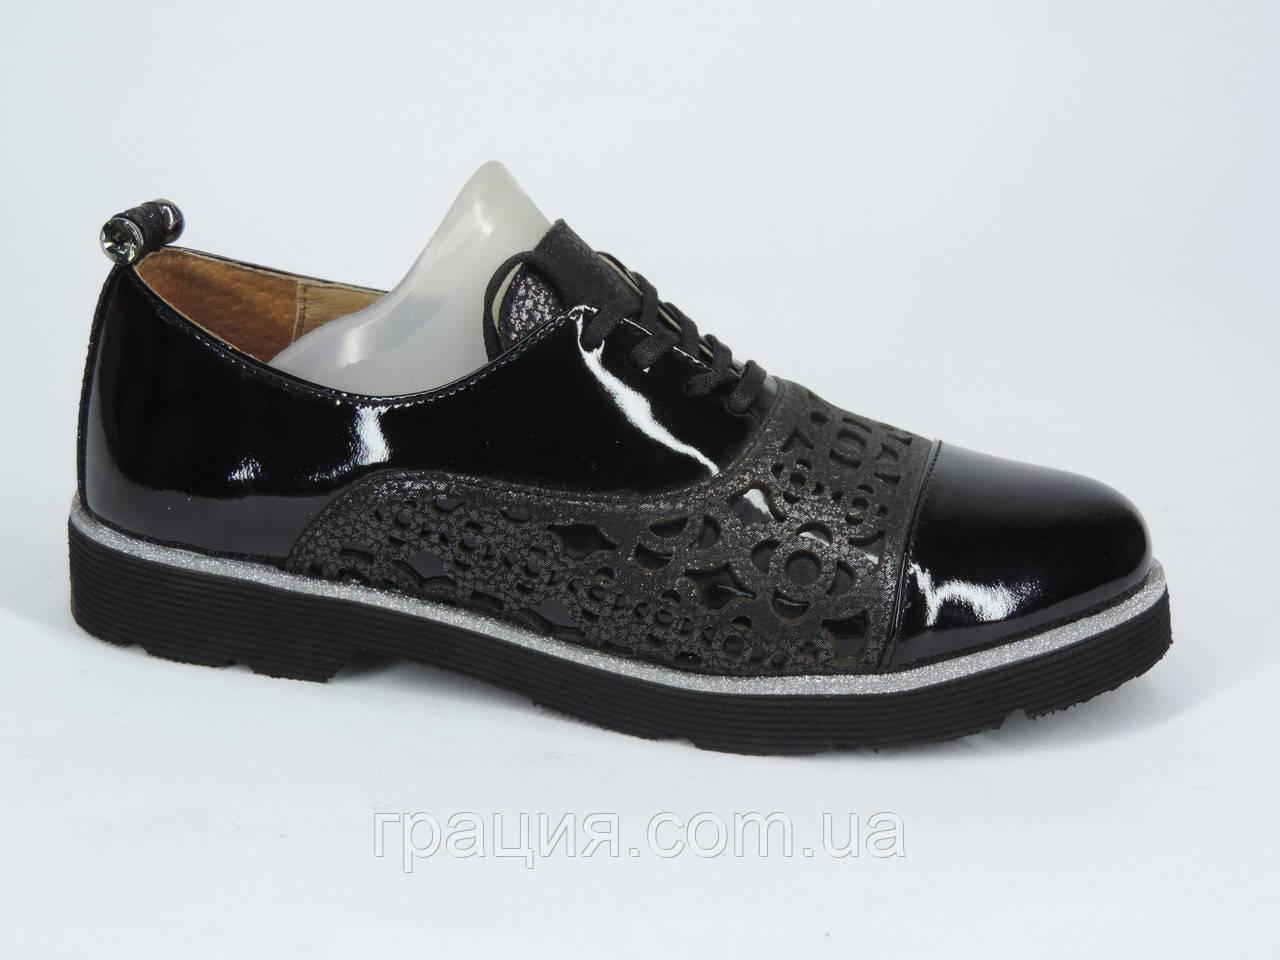 Женские стильные туфли кожаные натуральные на шнуровке